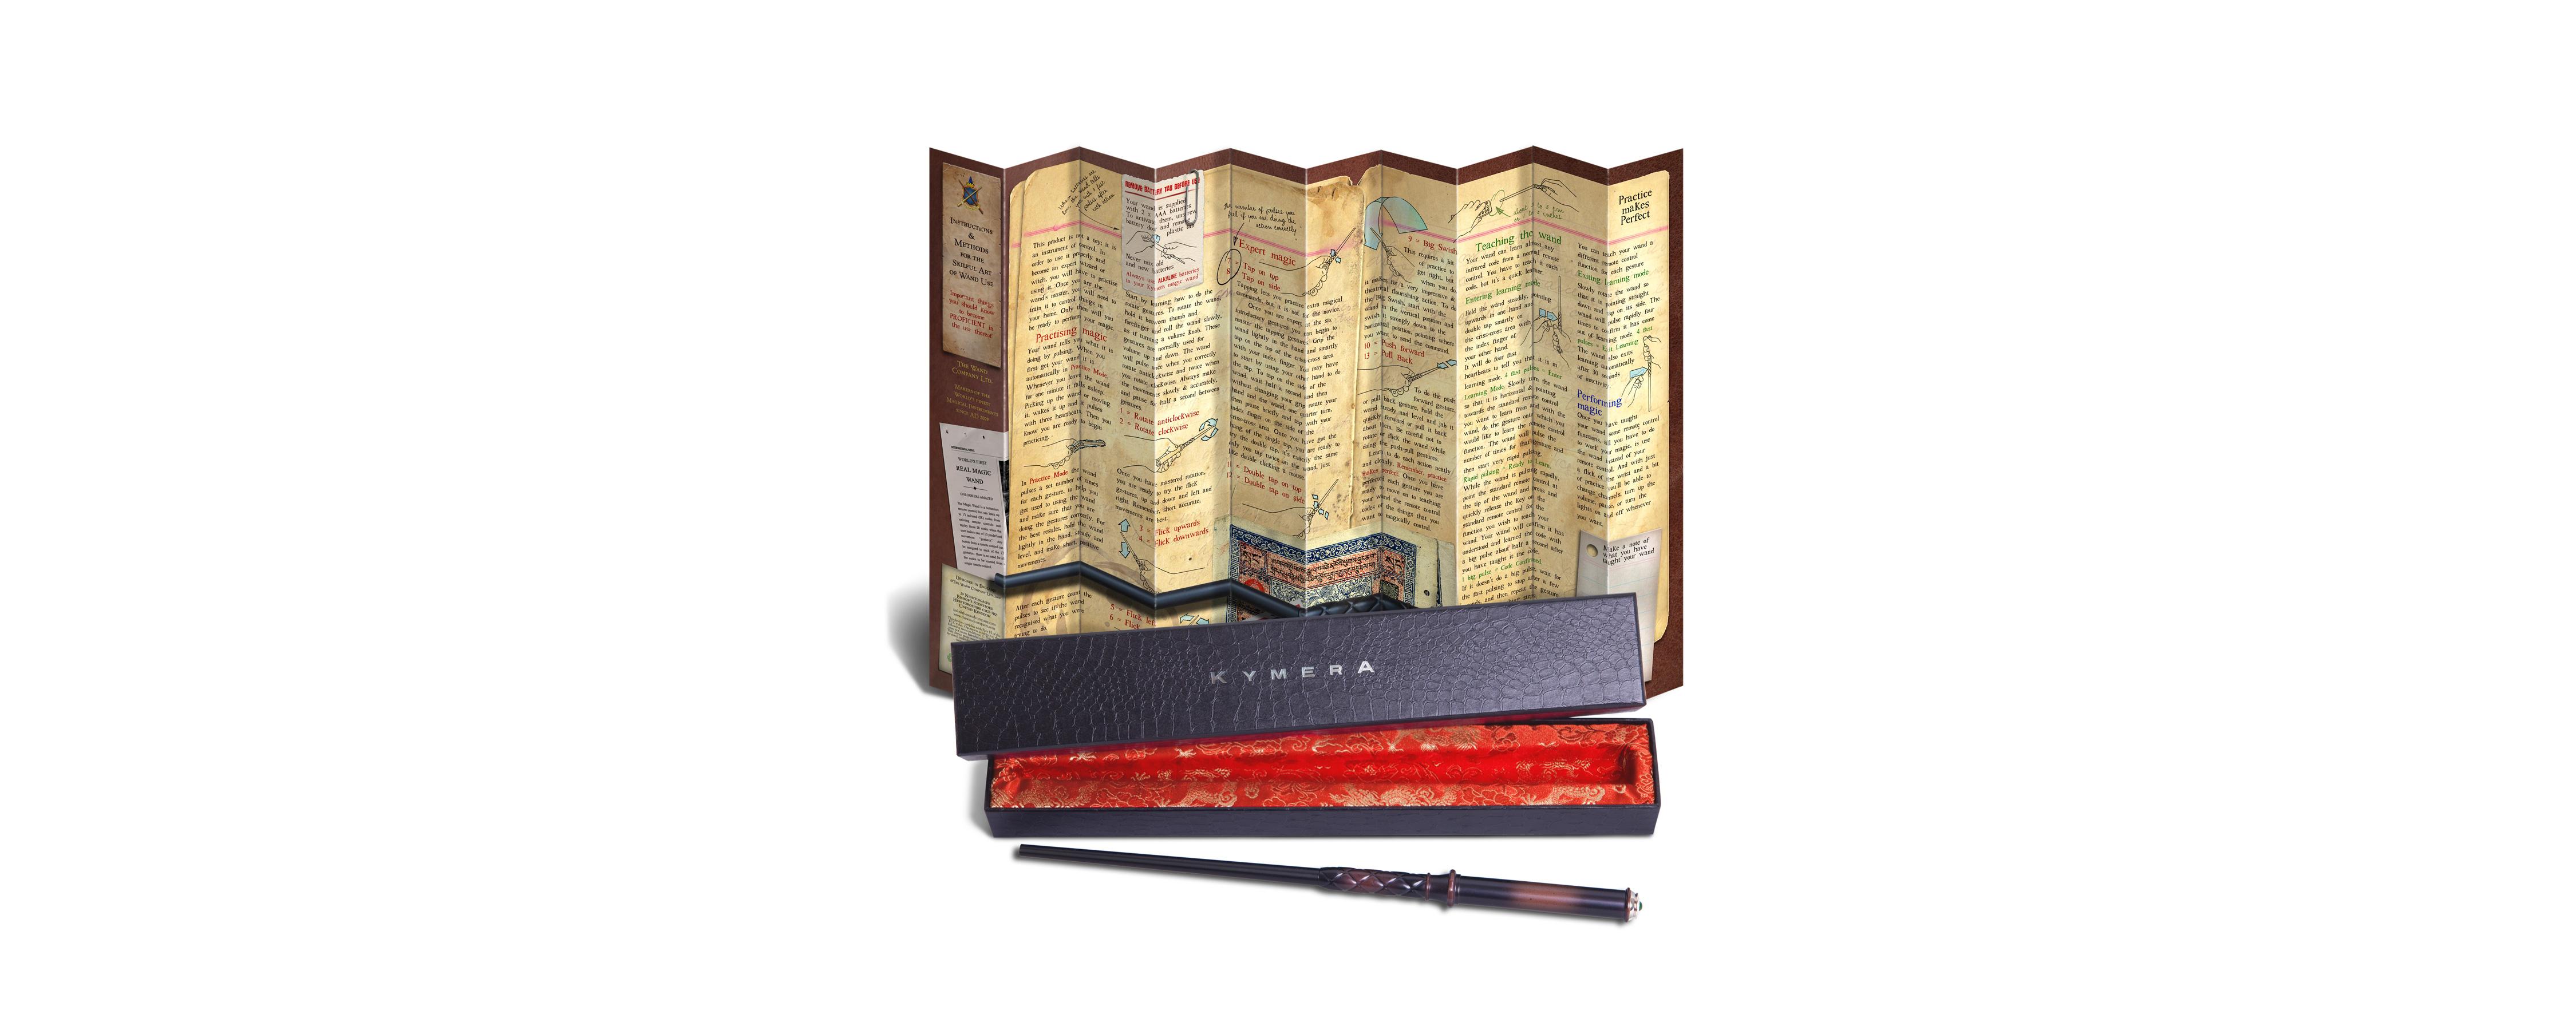 Kymera-Slider-box-wand-manual